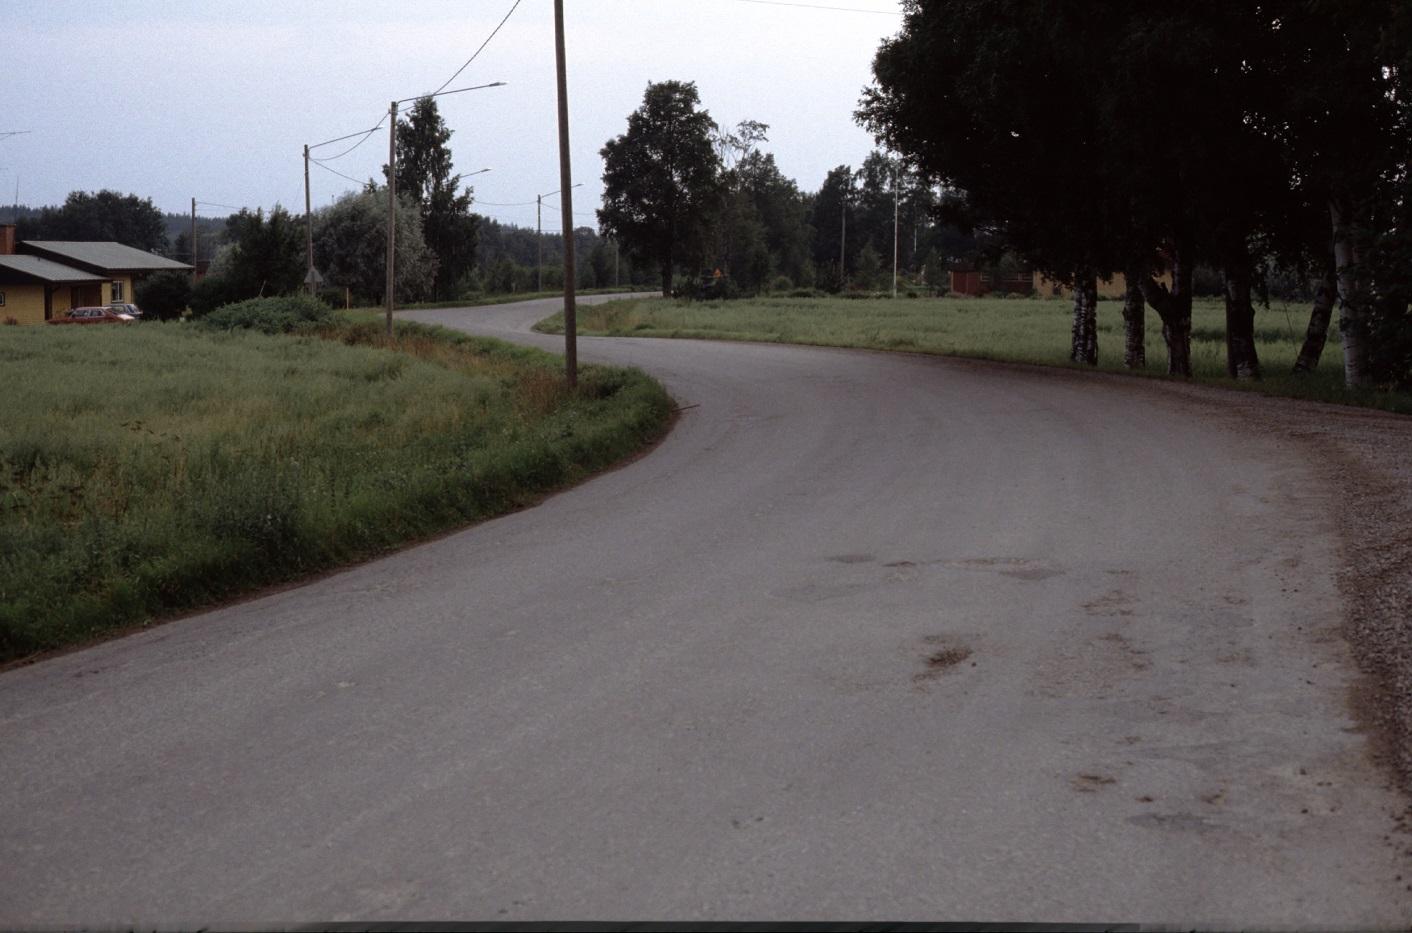 Landsvägen fotad 1983 utanför Vikfors gård. Till vänster Holger Hammarbergs gård.